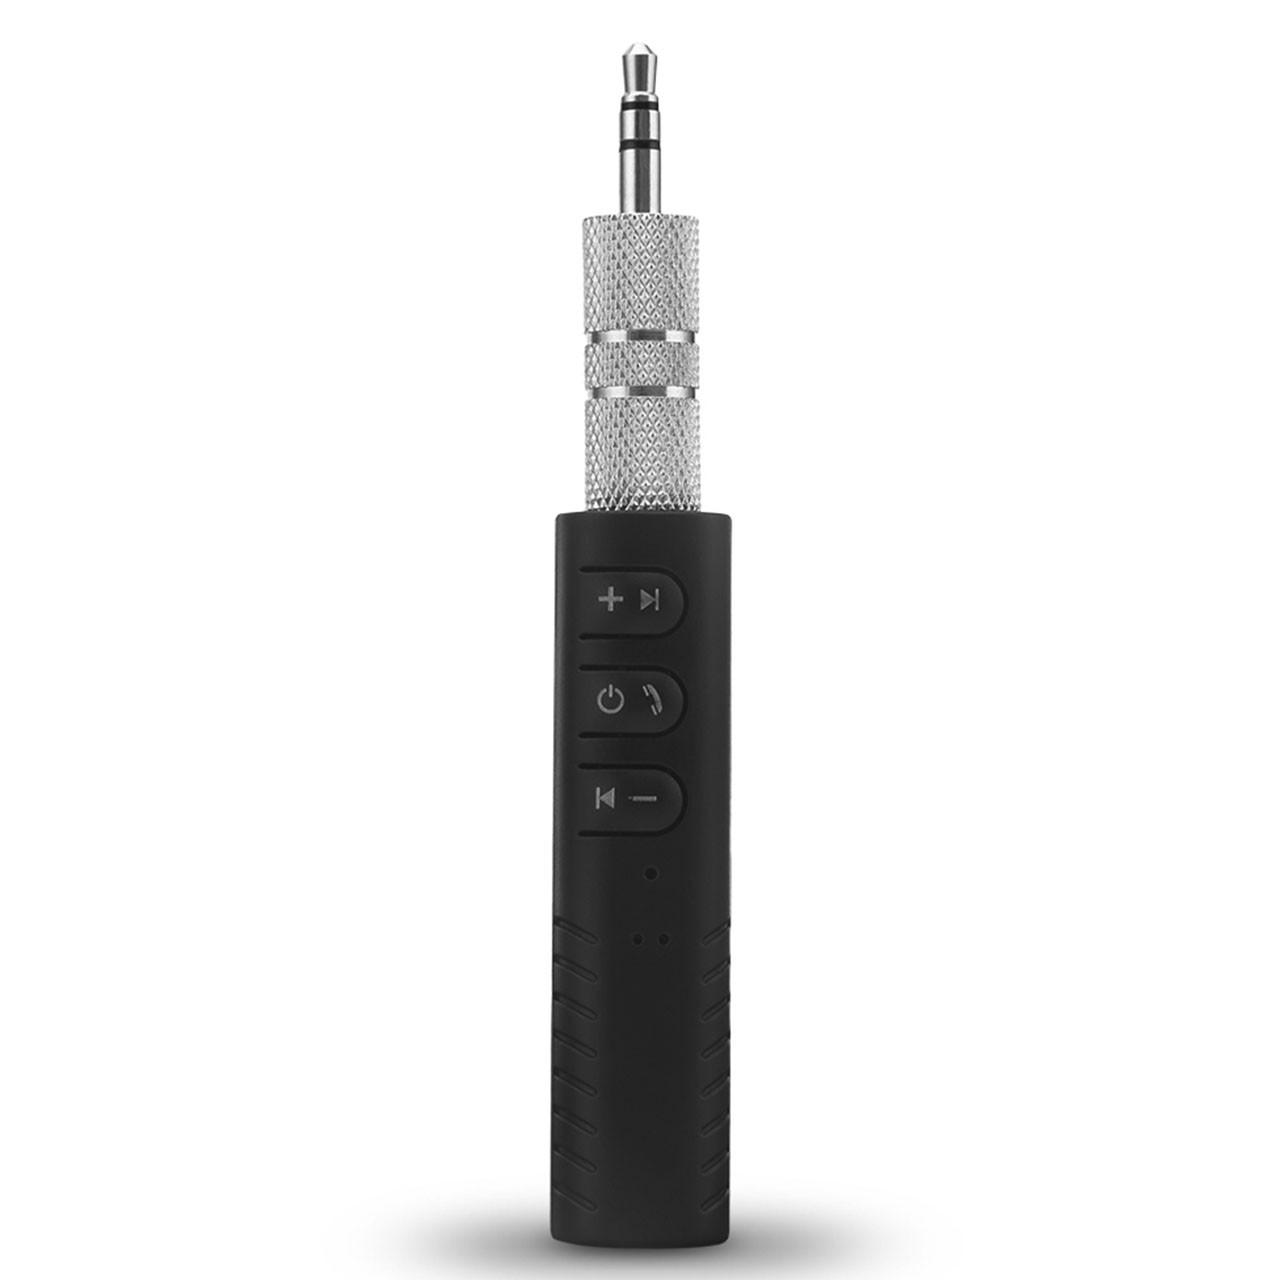 ➚Блютуз адаптер Lesko BT-801 автомобильный Bluetooth 4.1 адаптер с аудиовходом AUX jack 3.5 mini беспроводной